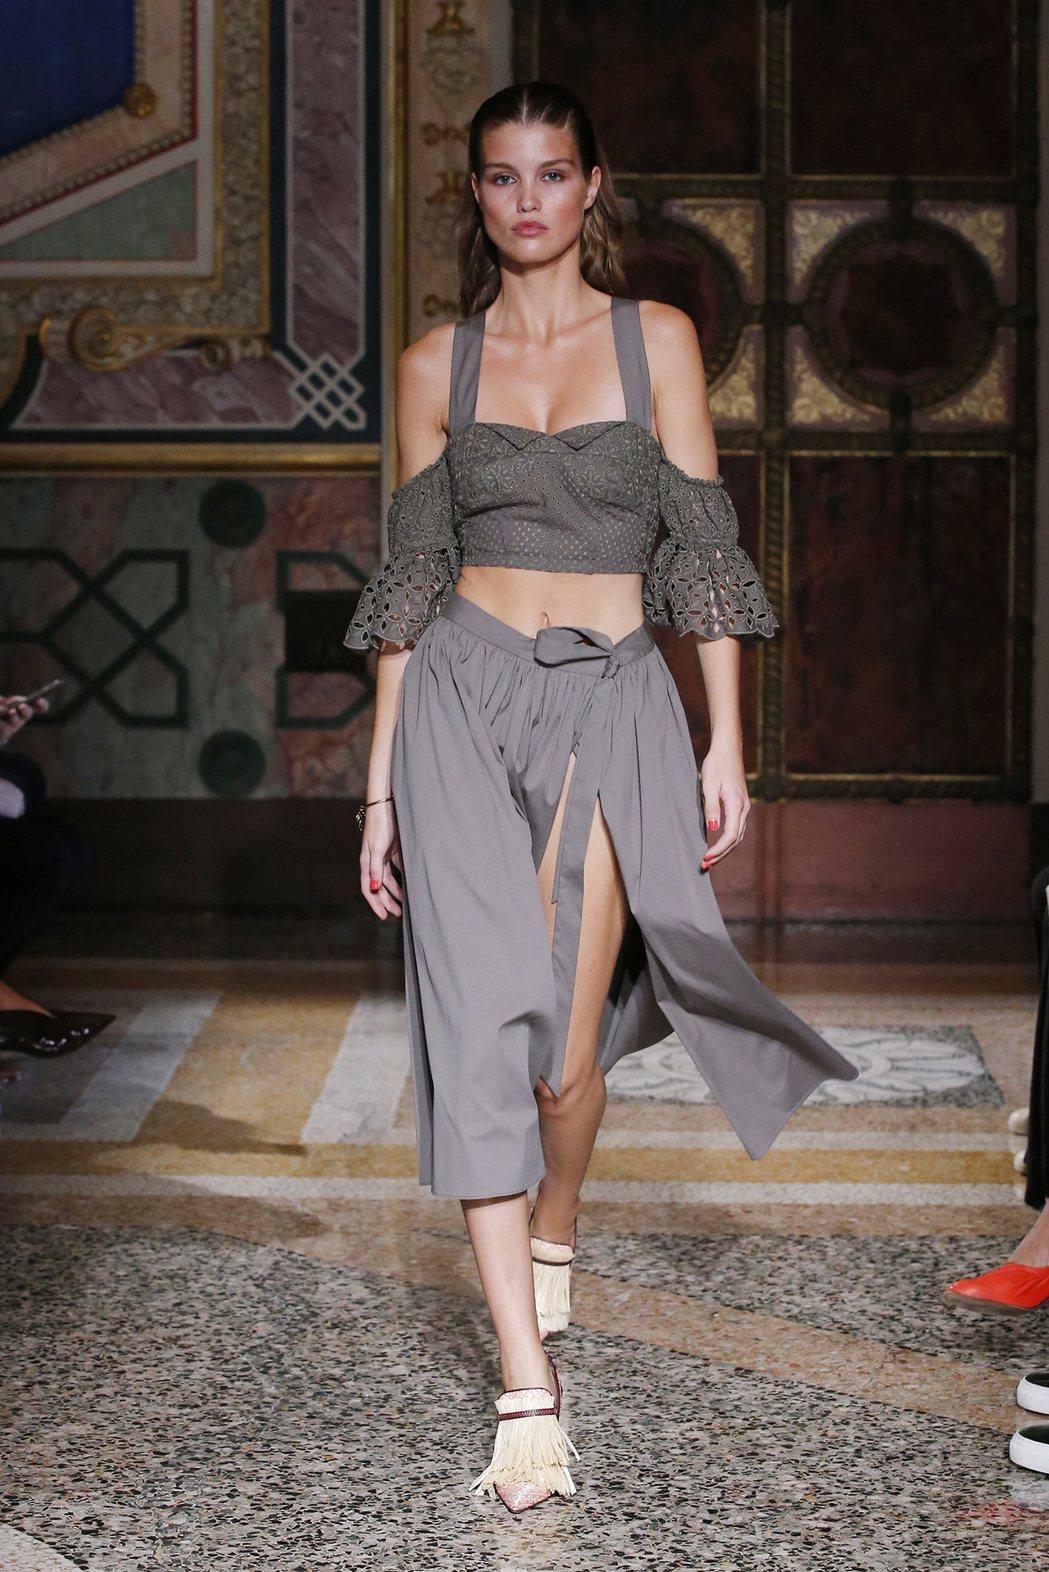 王心恬推薦的灰綠色洋裝,短版連身設計能同時展現出腰部曲線,不會太過裸露,但又帶點...